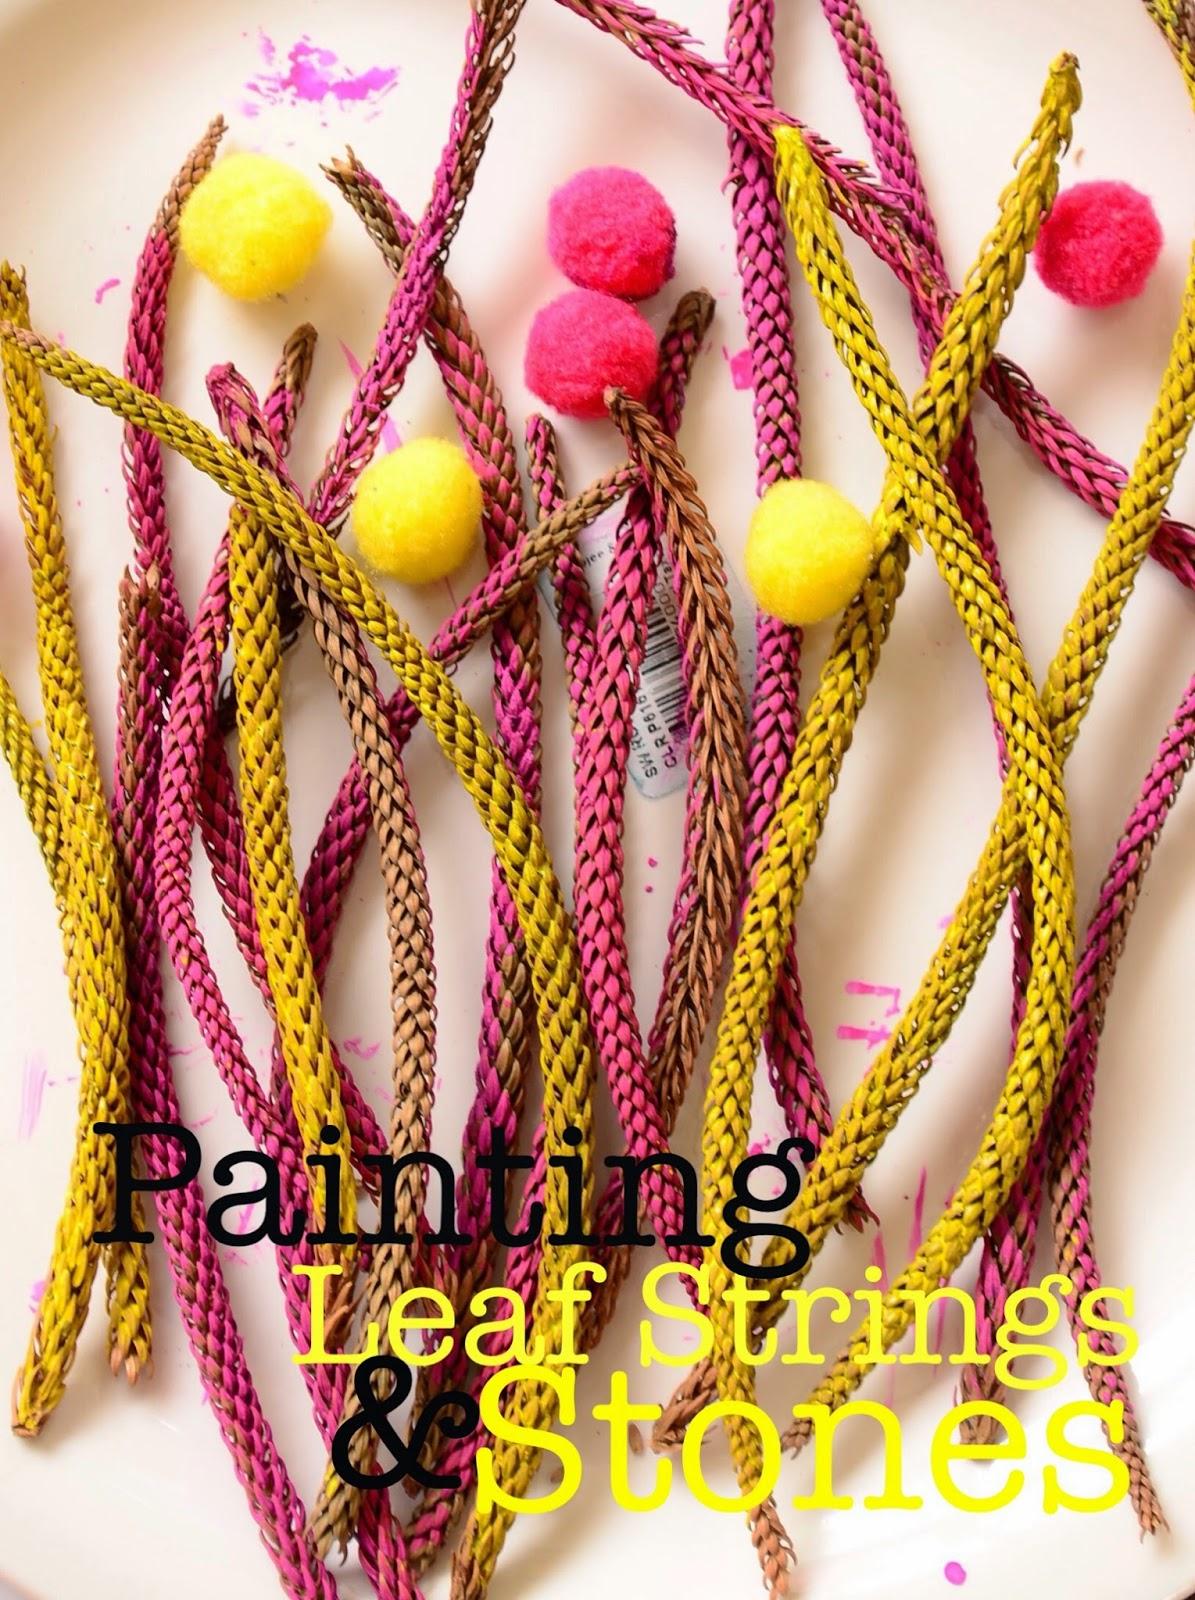 Painting Leaf Strings & Stones (Art Studio Diaries #4)